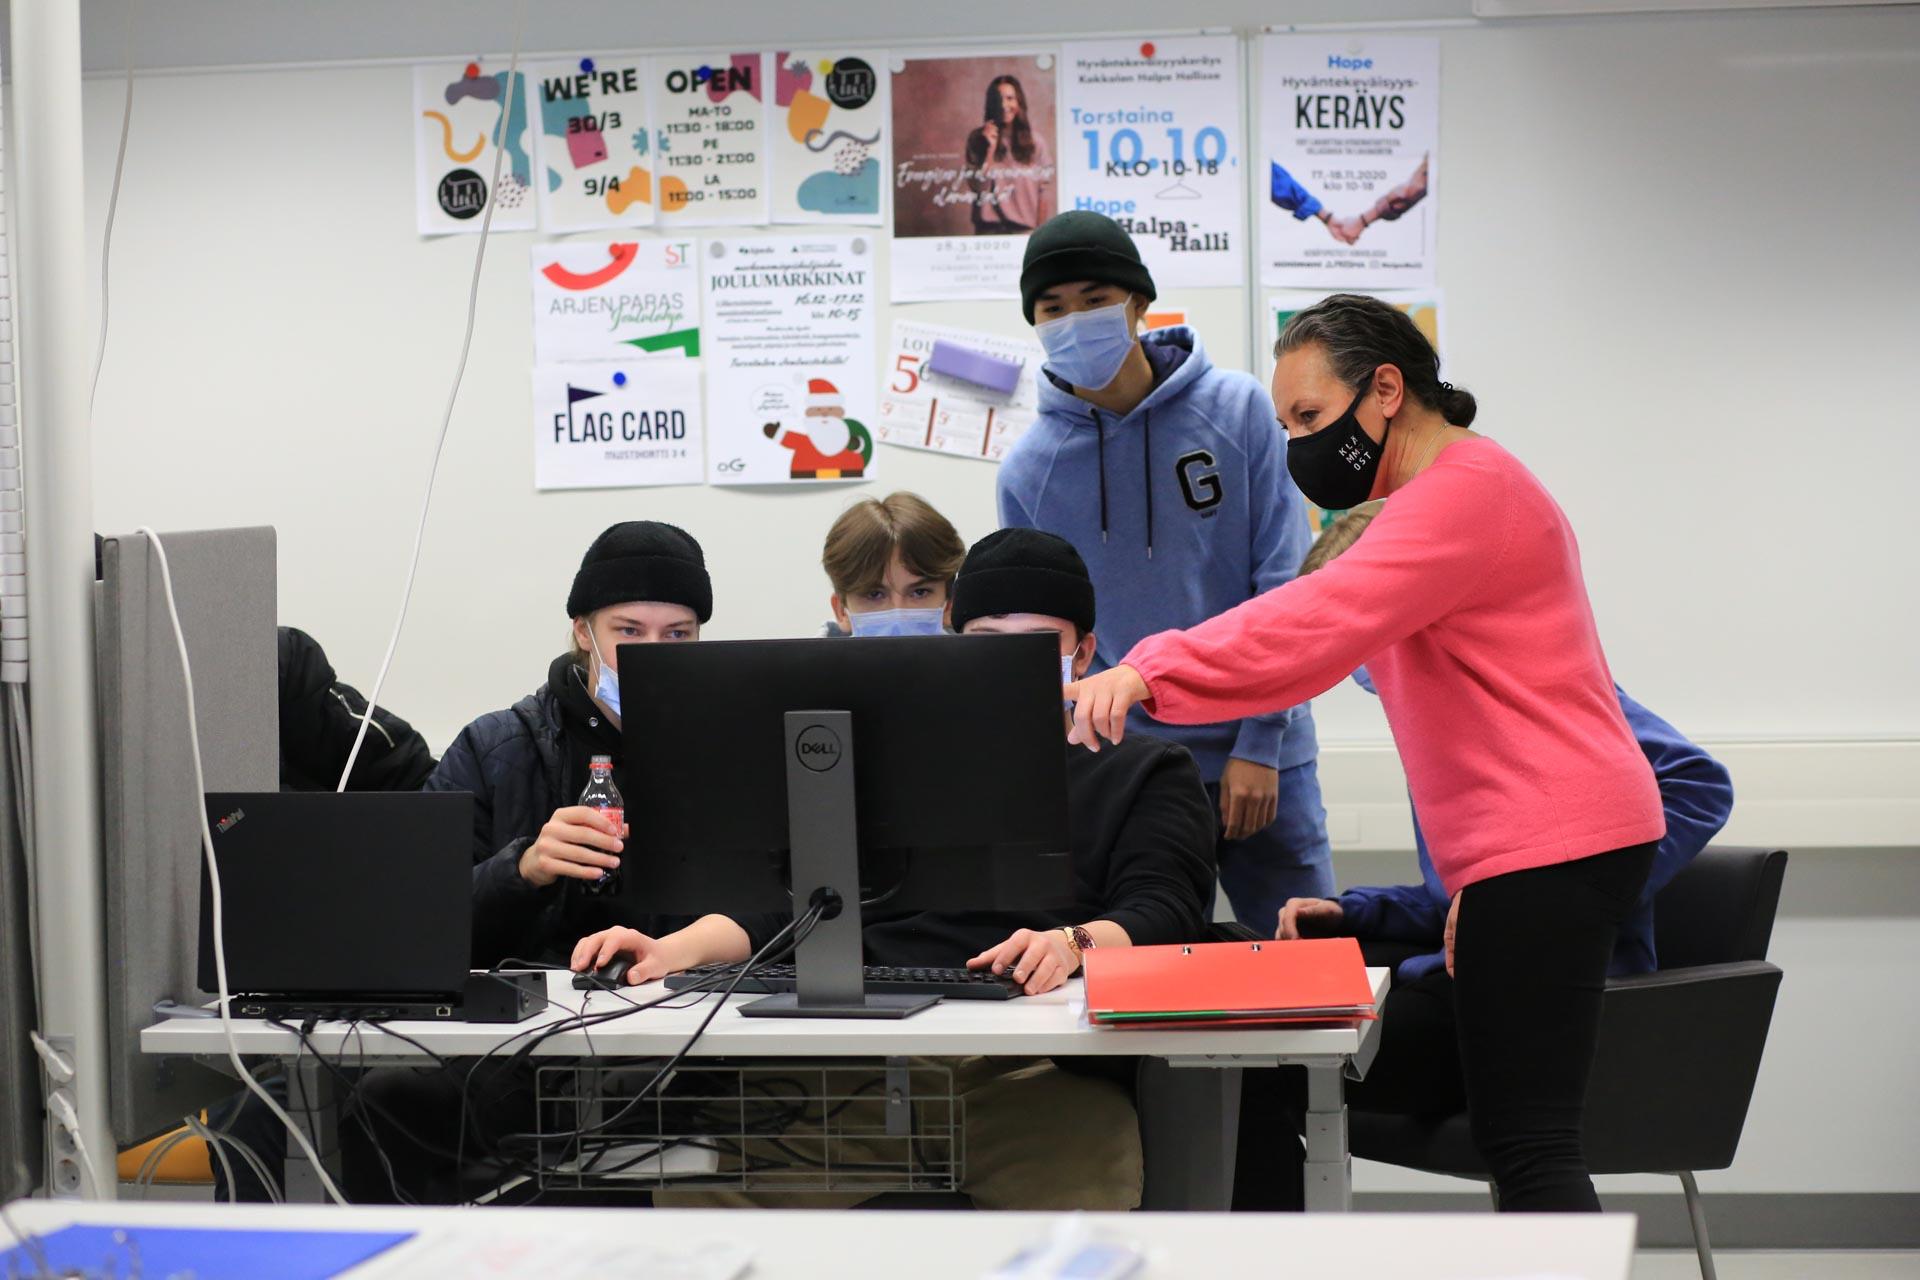 Kuvassa liiketoiminnan opiskelijat työstävät ryhmätyötä istuen ryhmässä tietokoneen ympärillä.